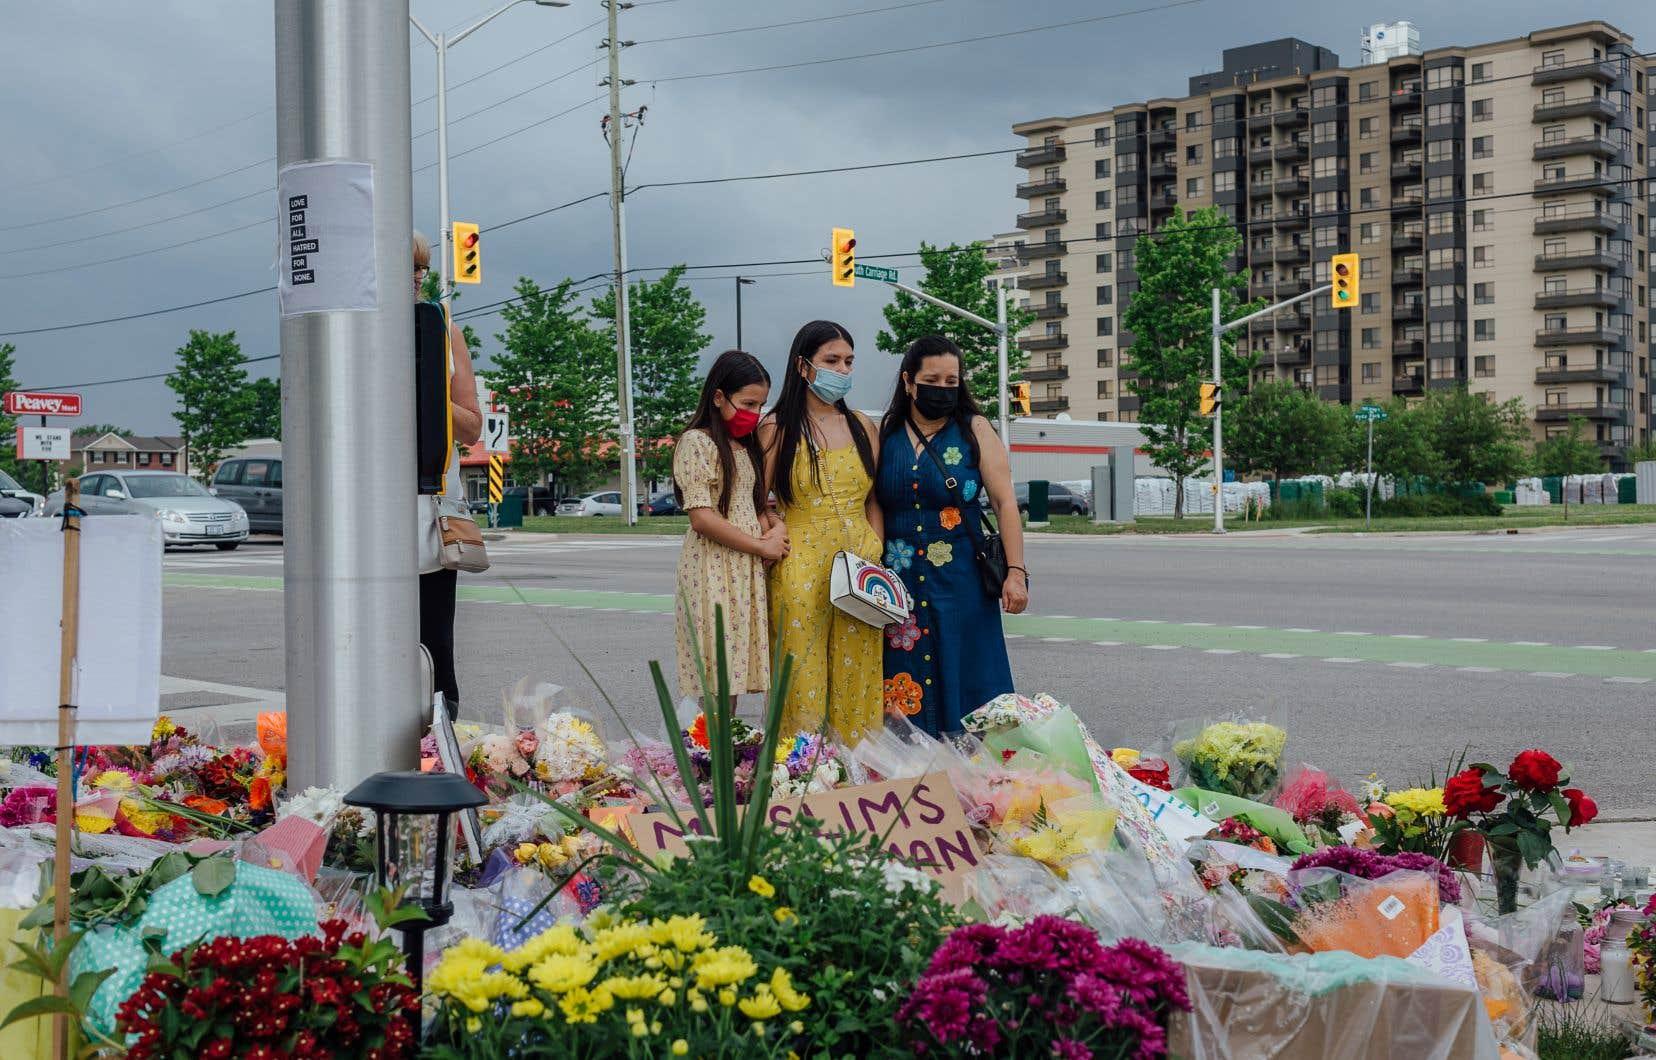 Les messages d'amour et d'espoirs affluent, sur les pancartes, les dessins d'enfants, les toutous et les gerbes de fleurs laissés un peu partout sur les lieux du drame.